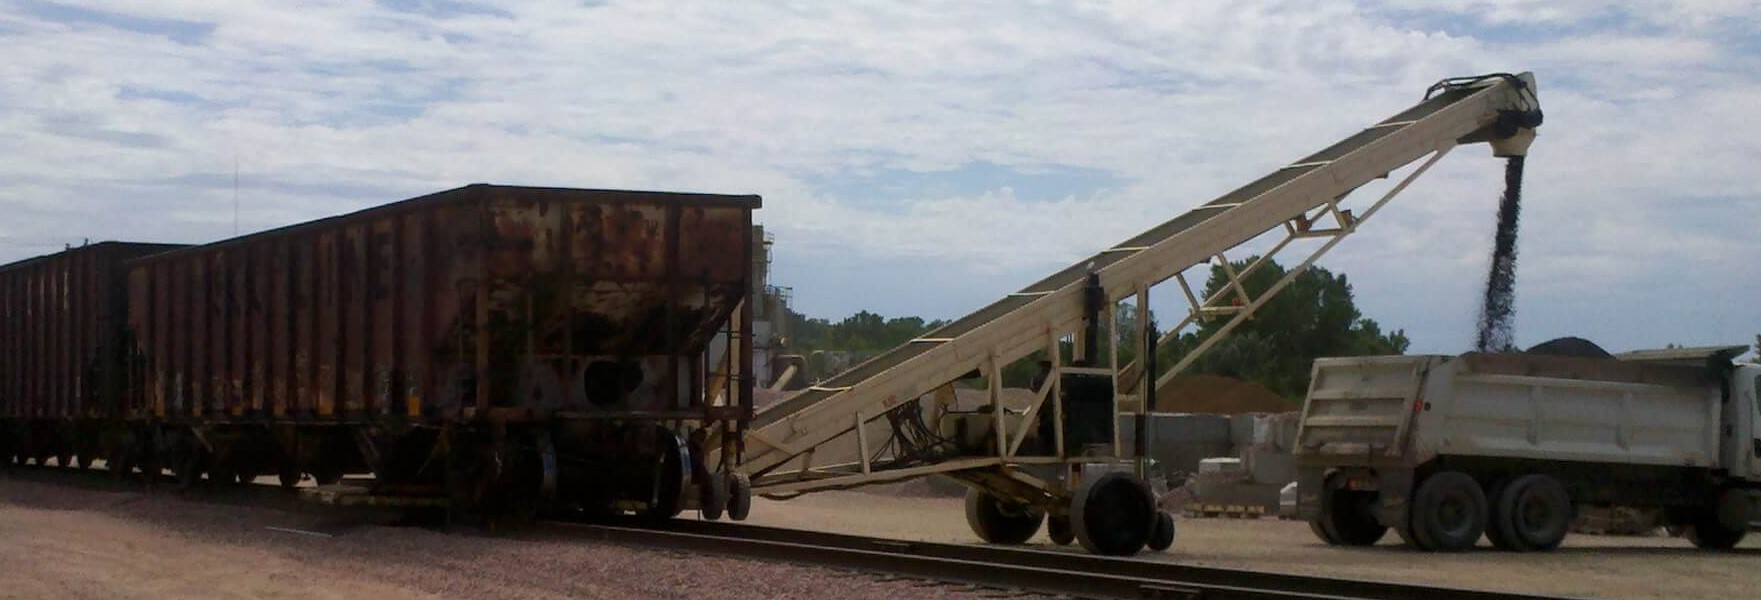 Big Sky Steel Billings Mt Hardware Demolition Services